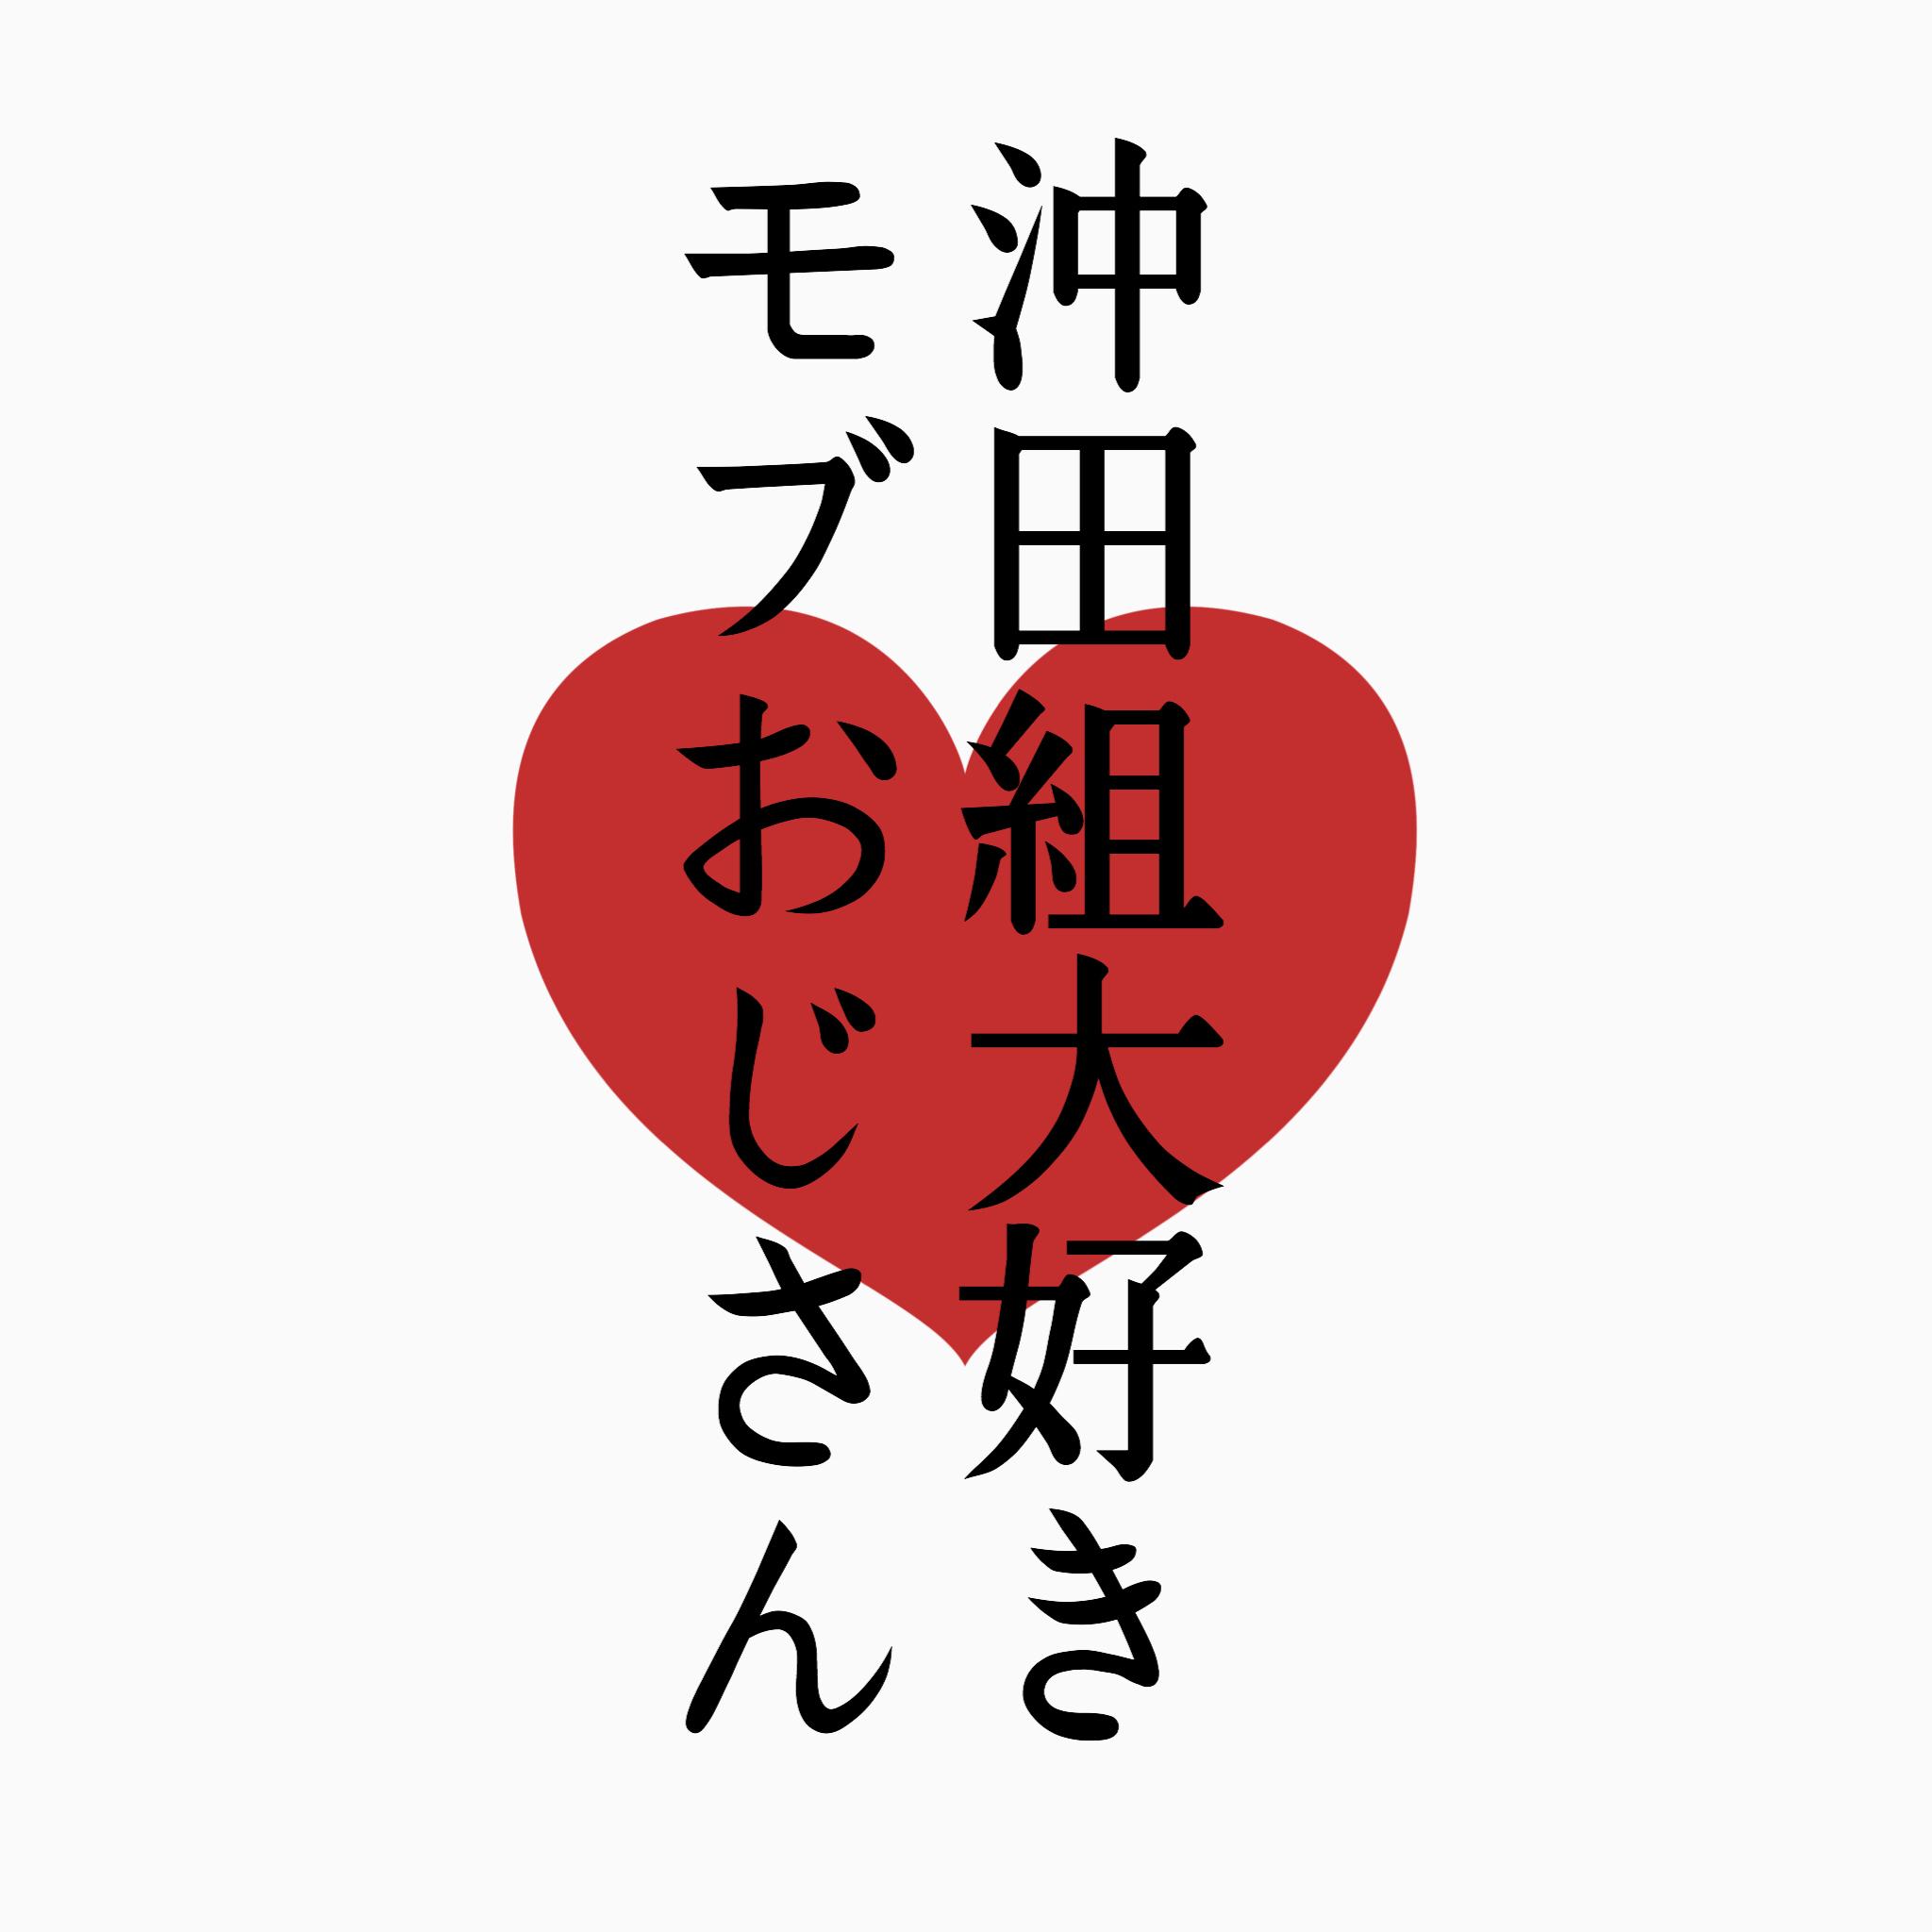 #1  刀ミュ 阿津賀志山in巴里の感想